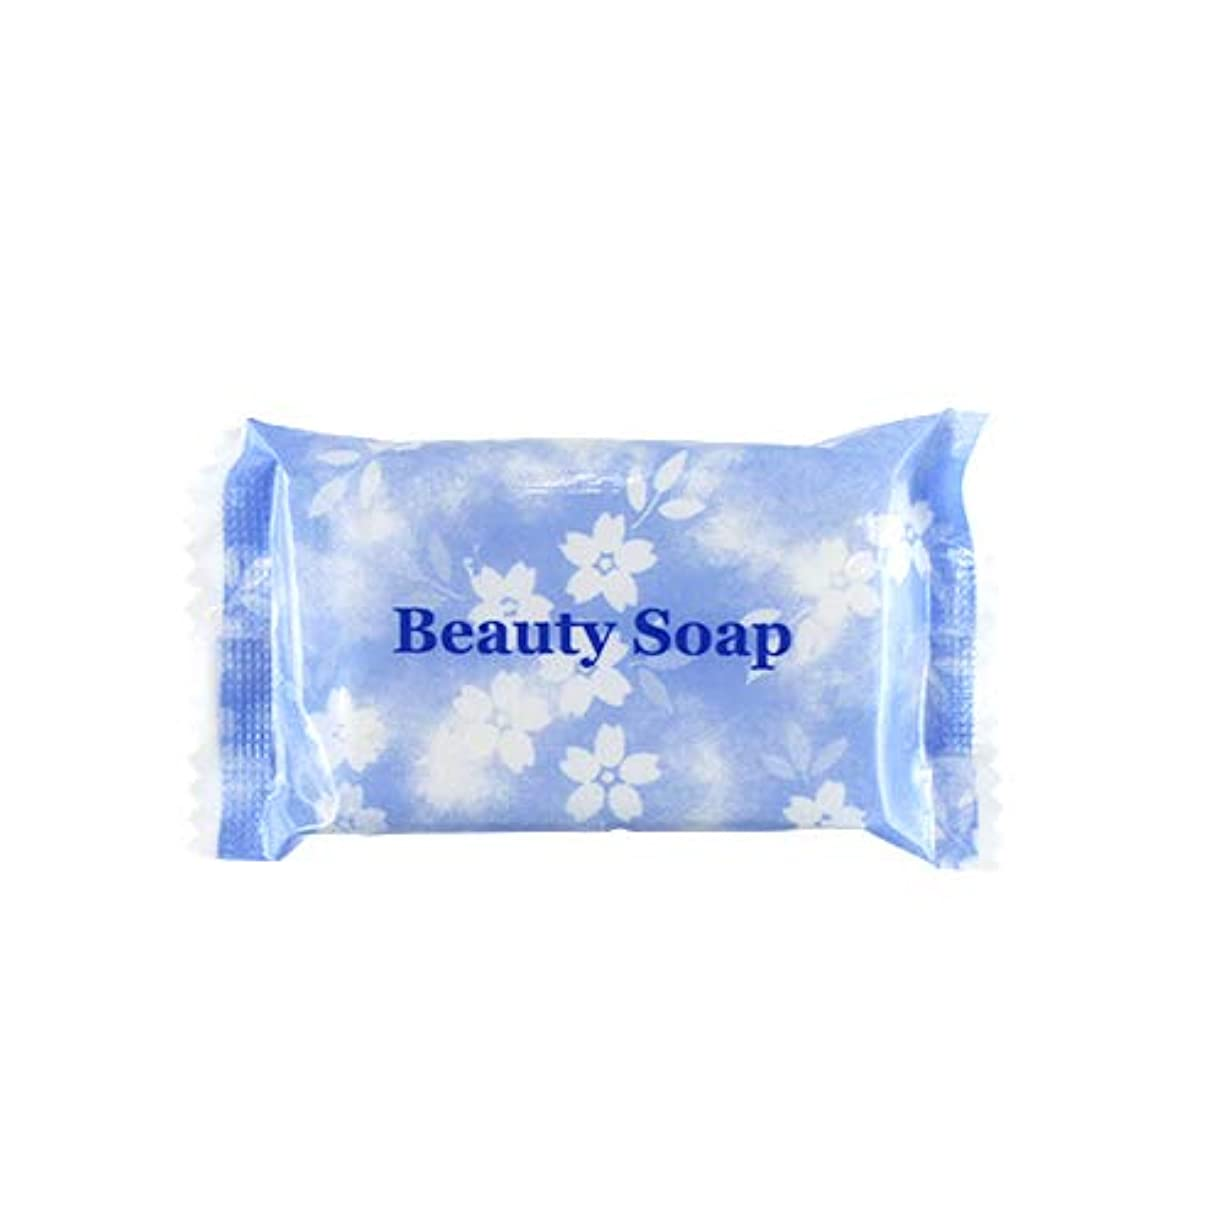 サーバントかまど申請中業務用 クロバーコーポレーション ビューティーソープ(Beauty Soap) 15g×100個セット | ホテルアメニティ 個包装